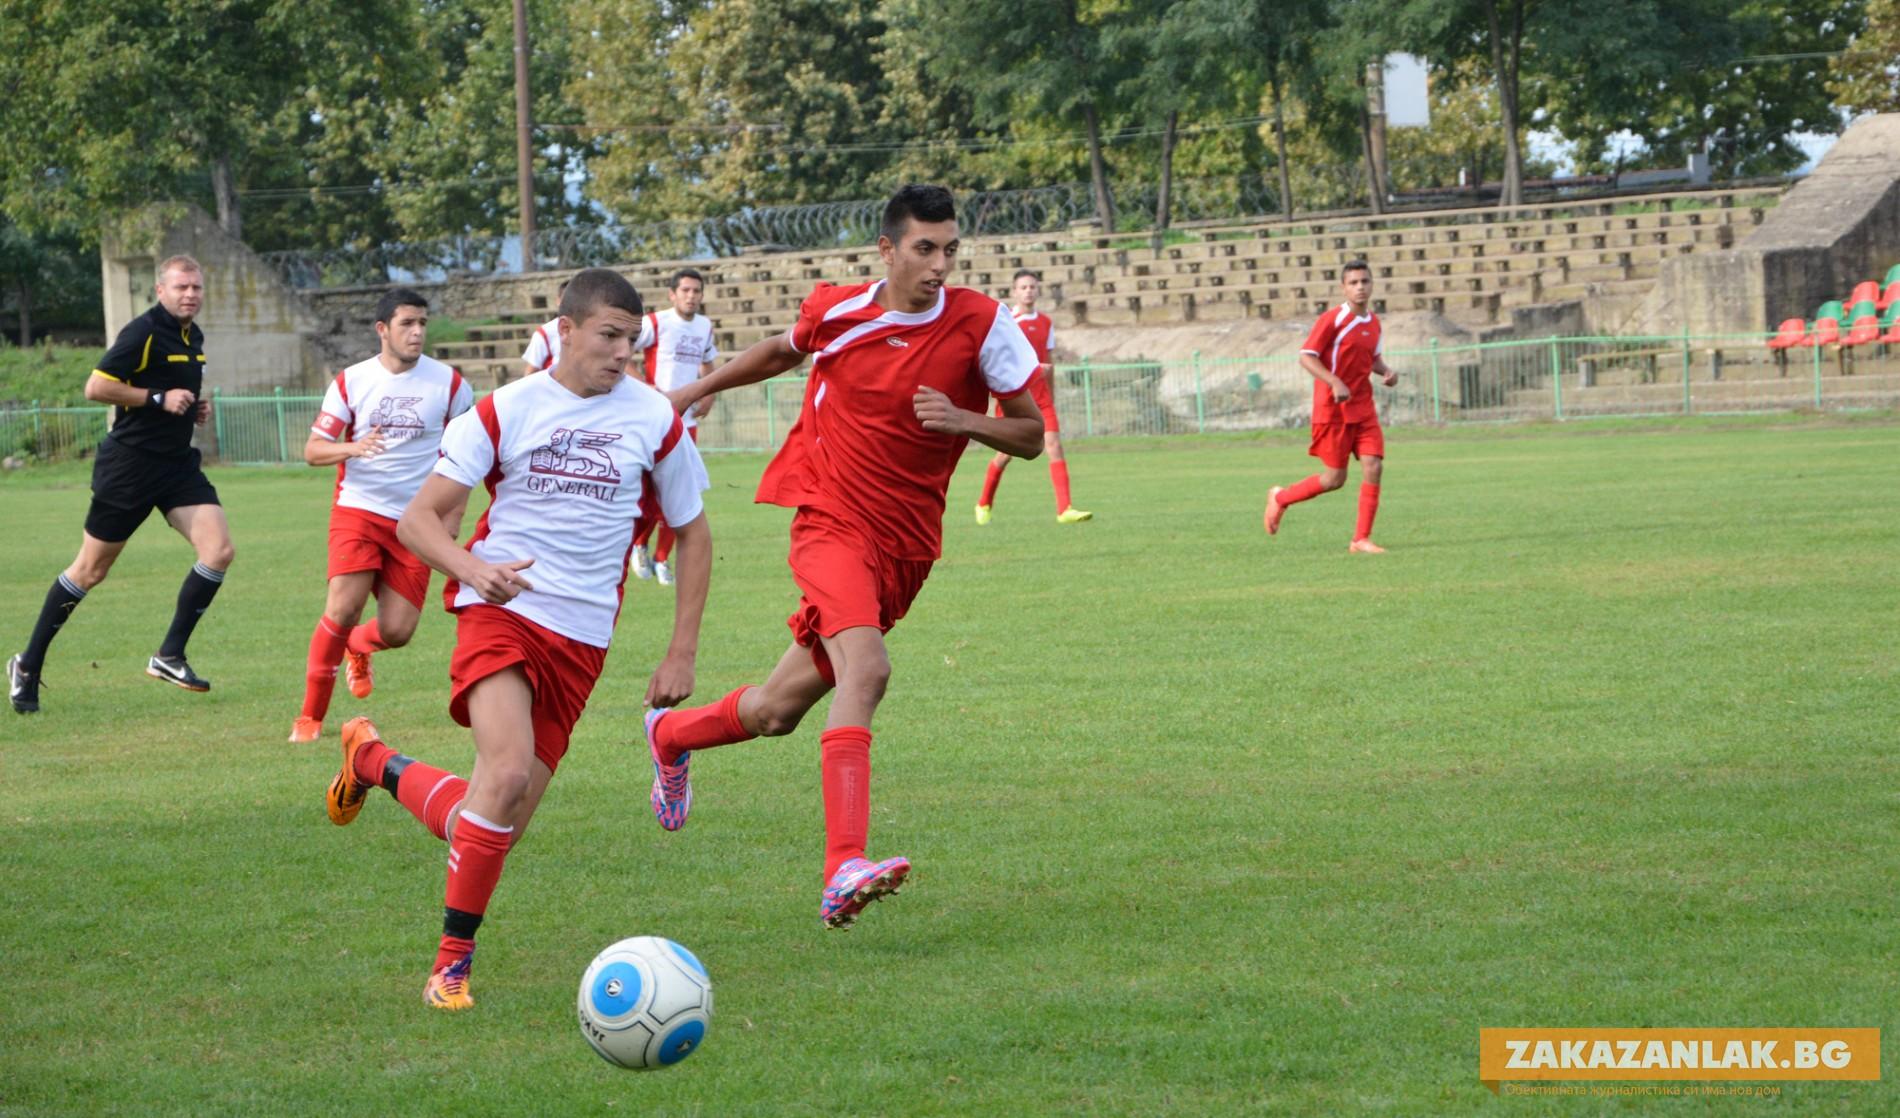 0ded1f4c70e Детски футбол по заводски - Новини За Казанлък | Другите новини за ...